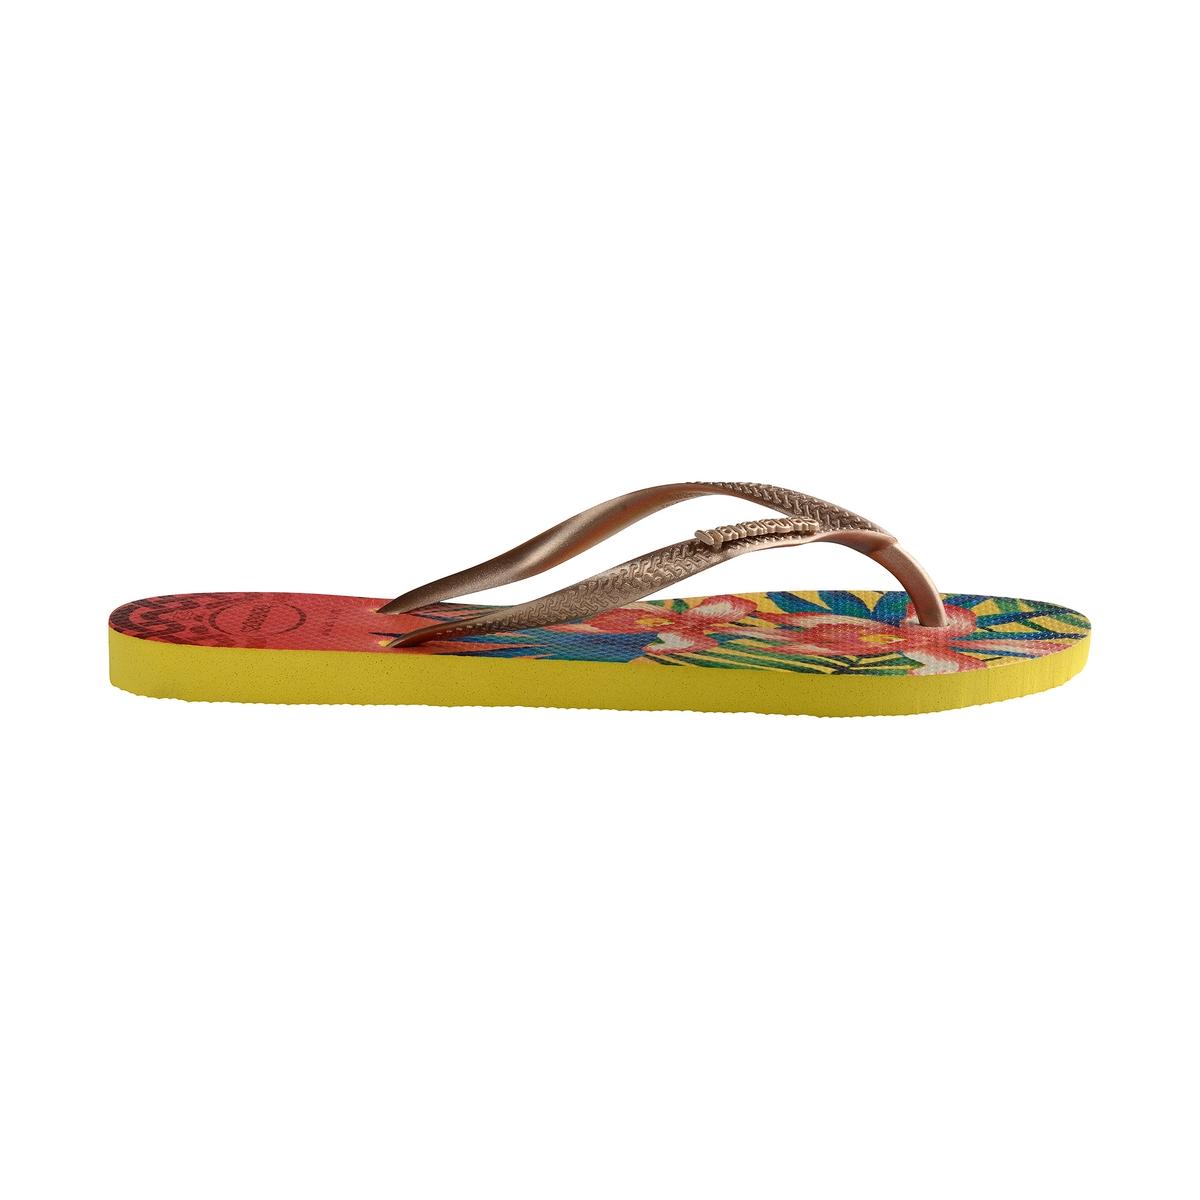 Вьетнамки Slim TropicalВерх : каучук   Стелька : каучук   Подошва : каучук   Форма каблука : плоский каблук   Мысок : открытый мысок   Застежка : без застежки<br><br>Цвет: рисунок/оранжевый<br>Размер: 41/42